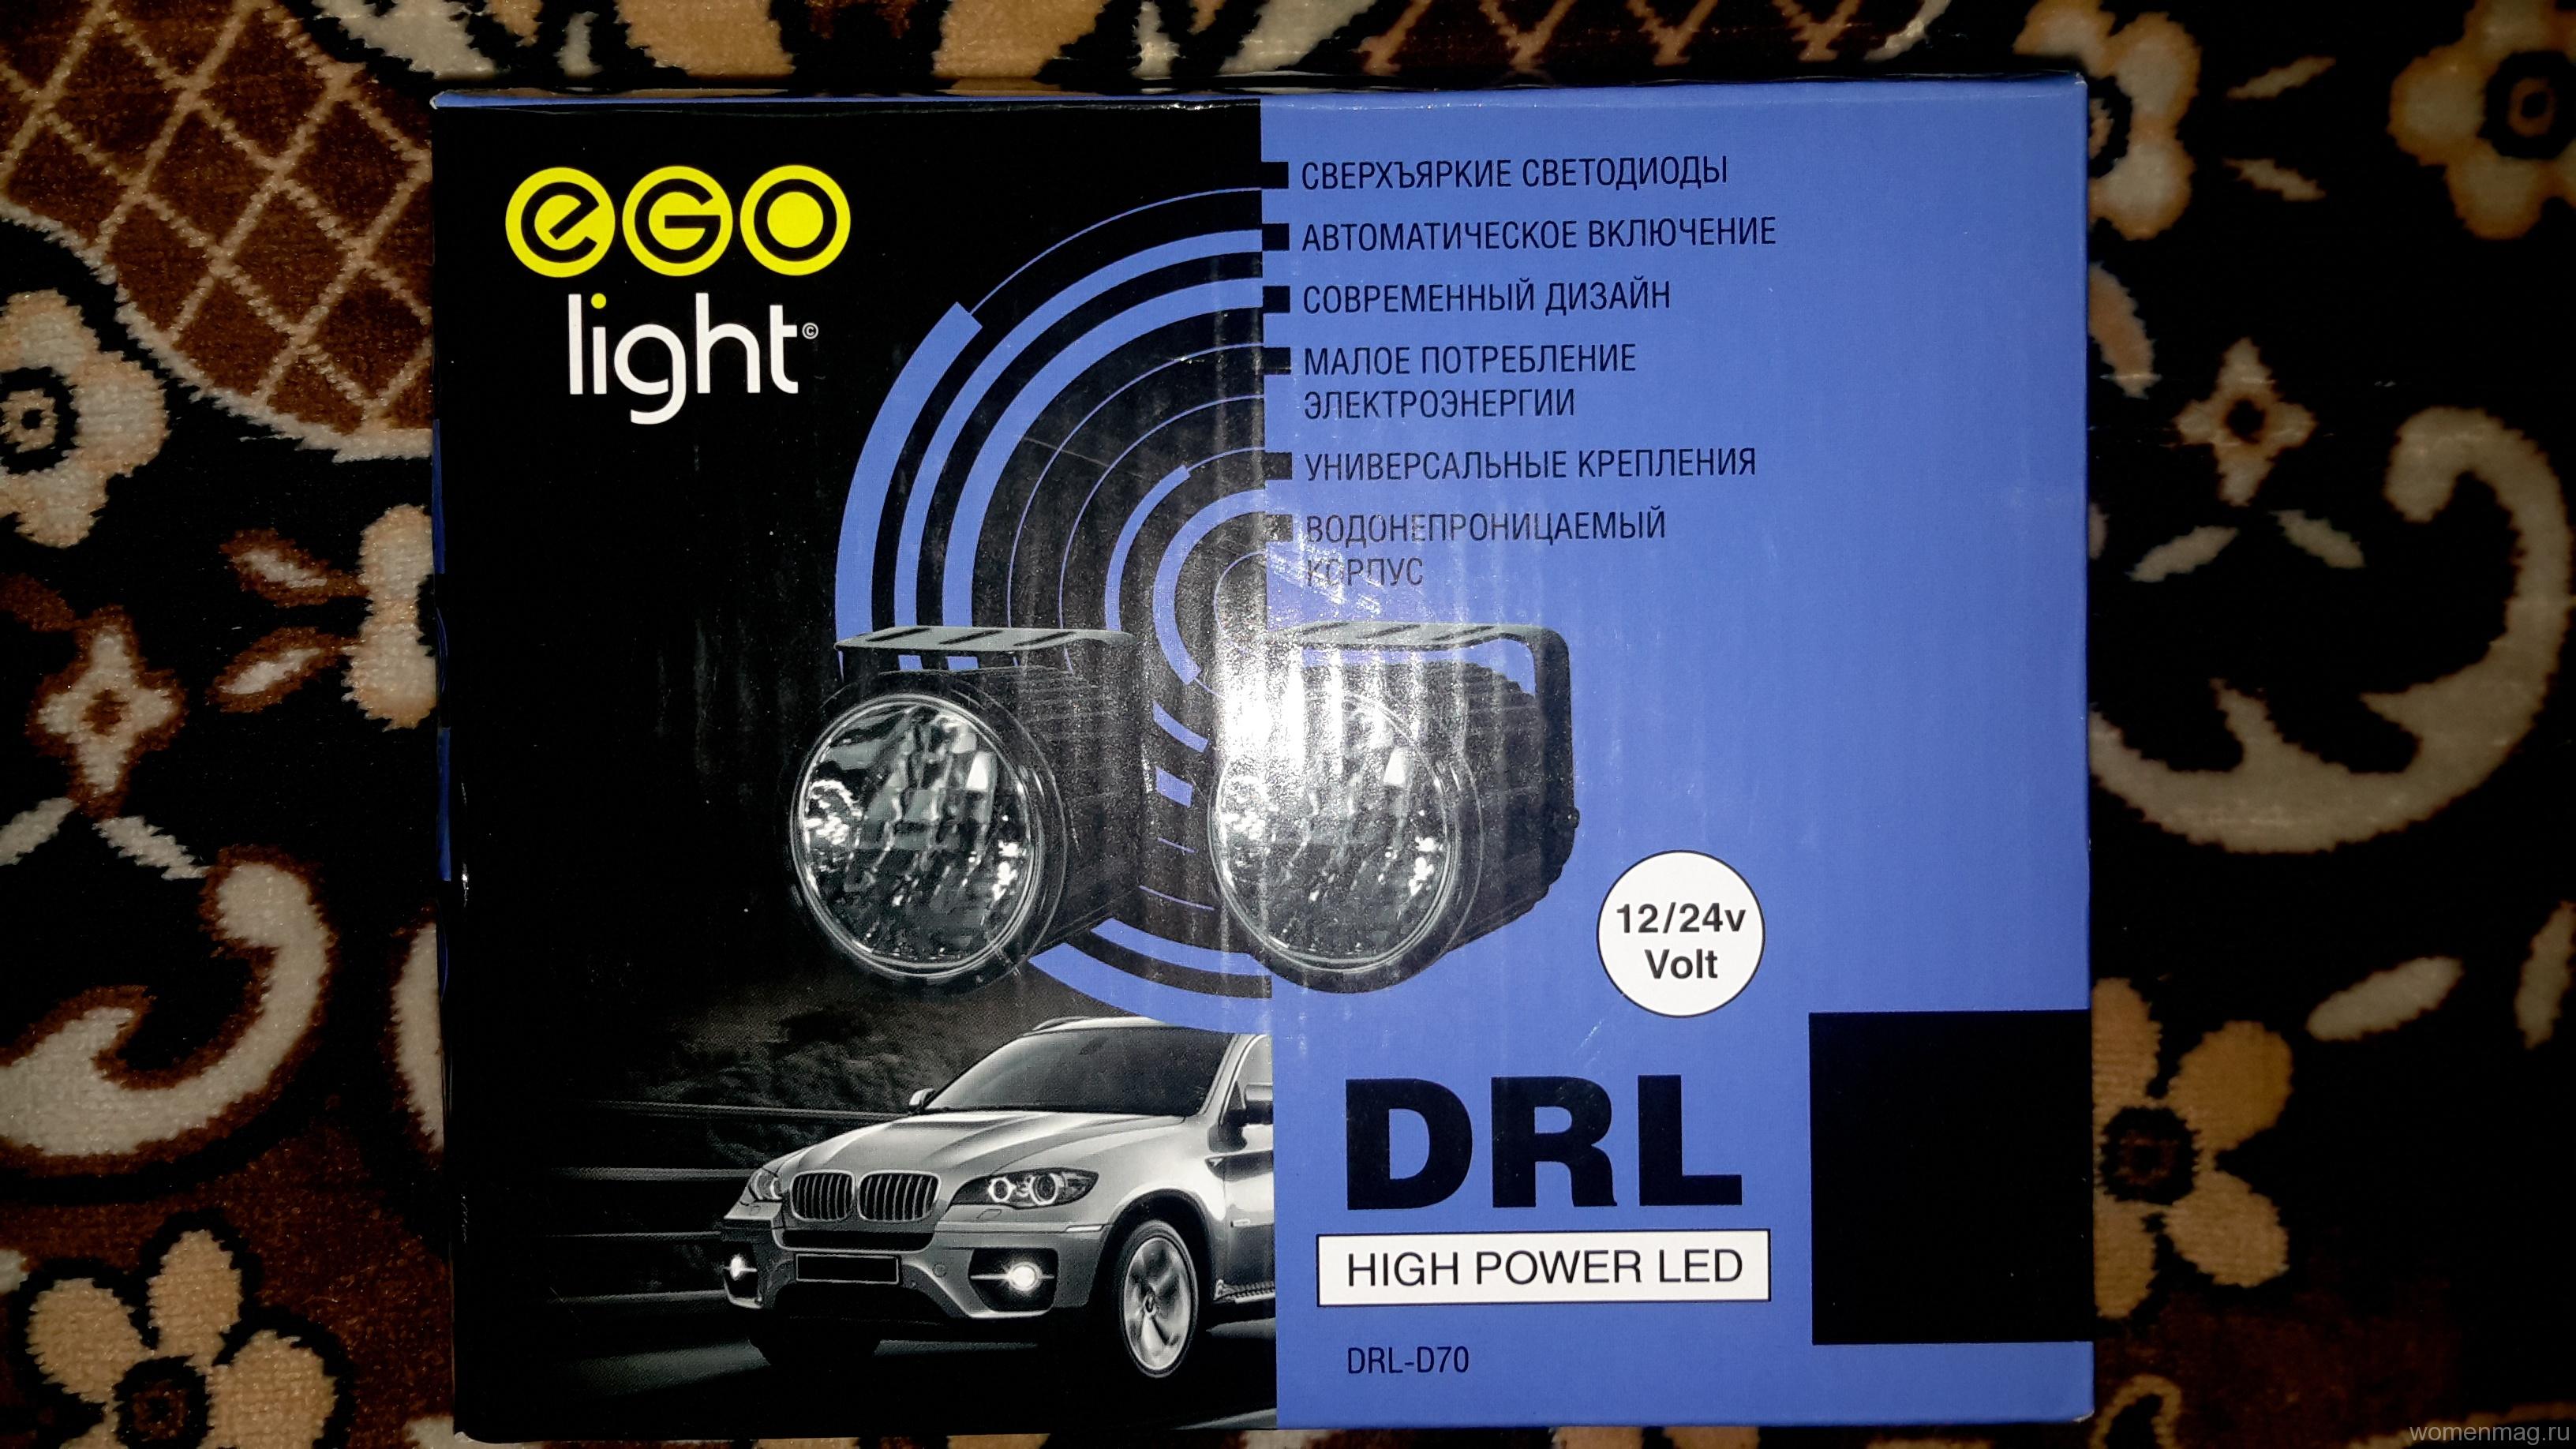 Дневные ходовые огни на Ниву-Шевроле EGO Light DRL-D70. Отзыв